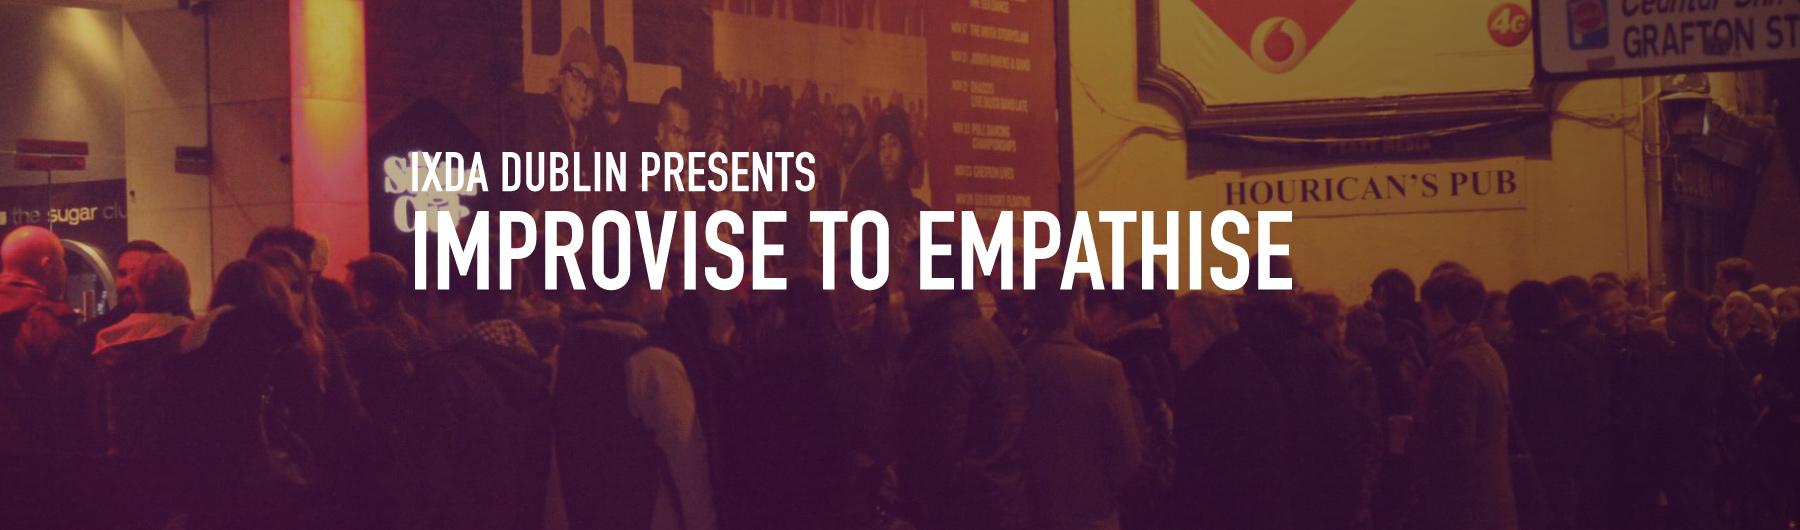 Improvise to Empathise